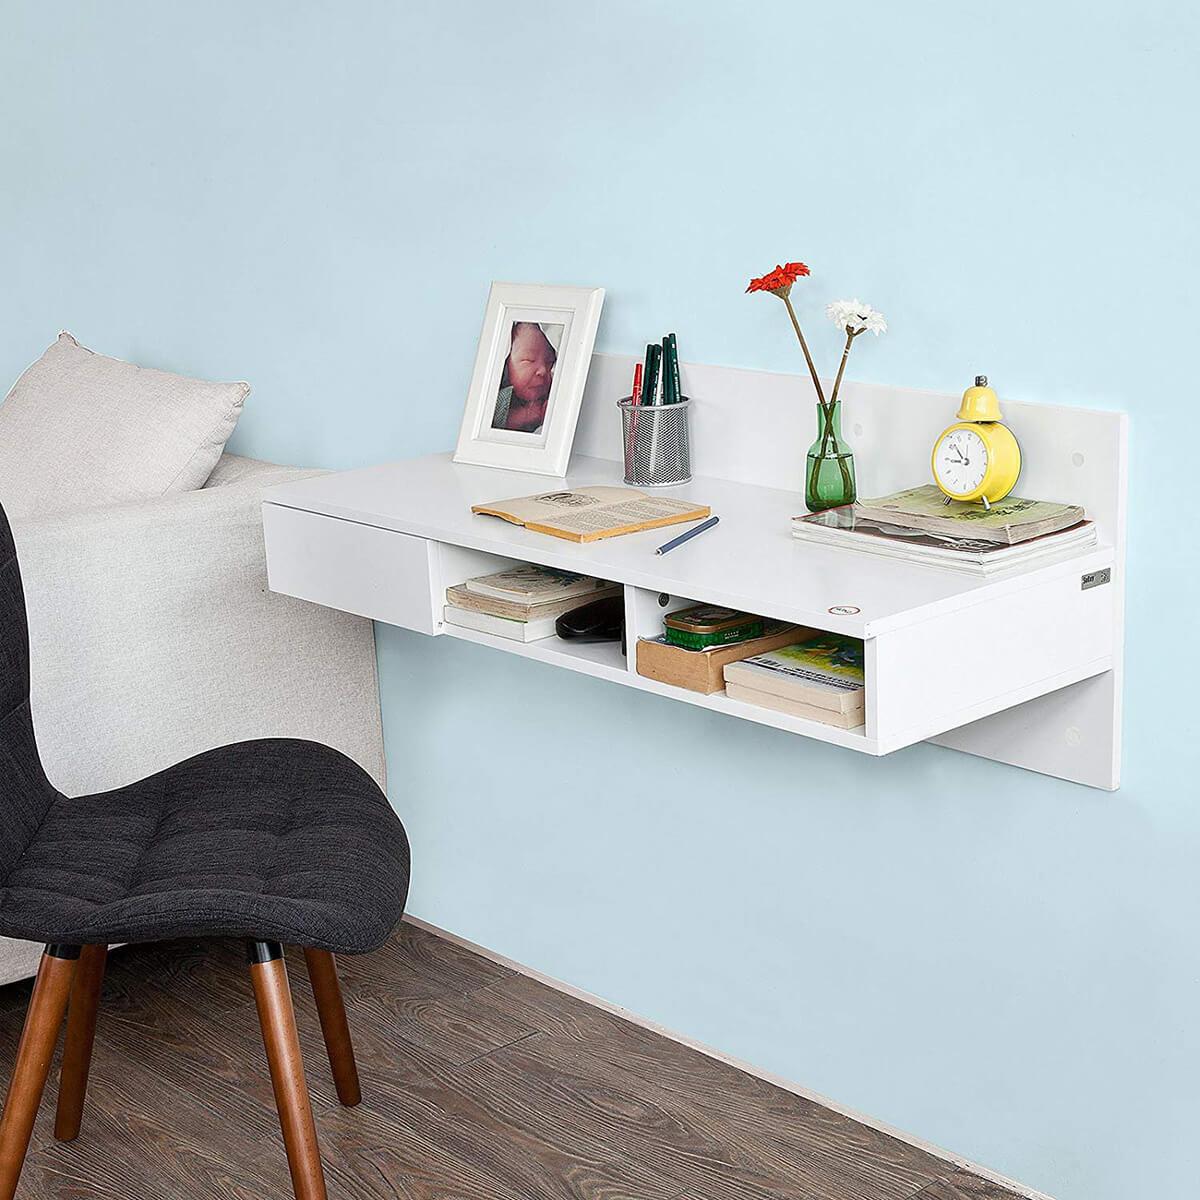 Настенный письменный стол фото 9